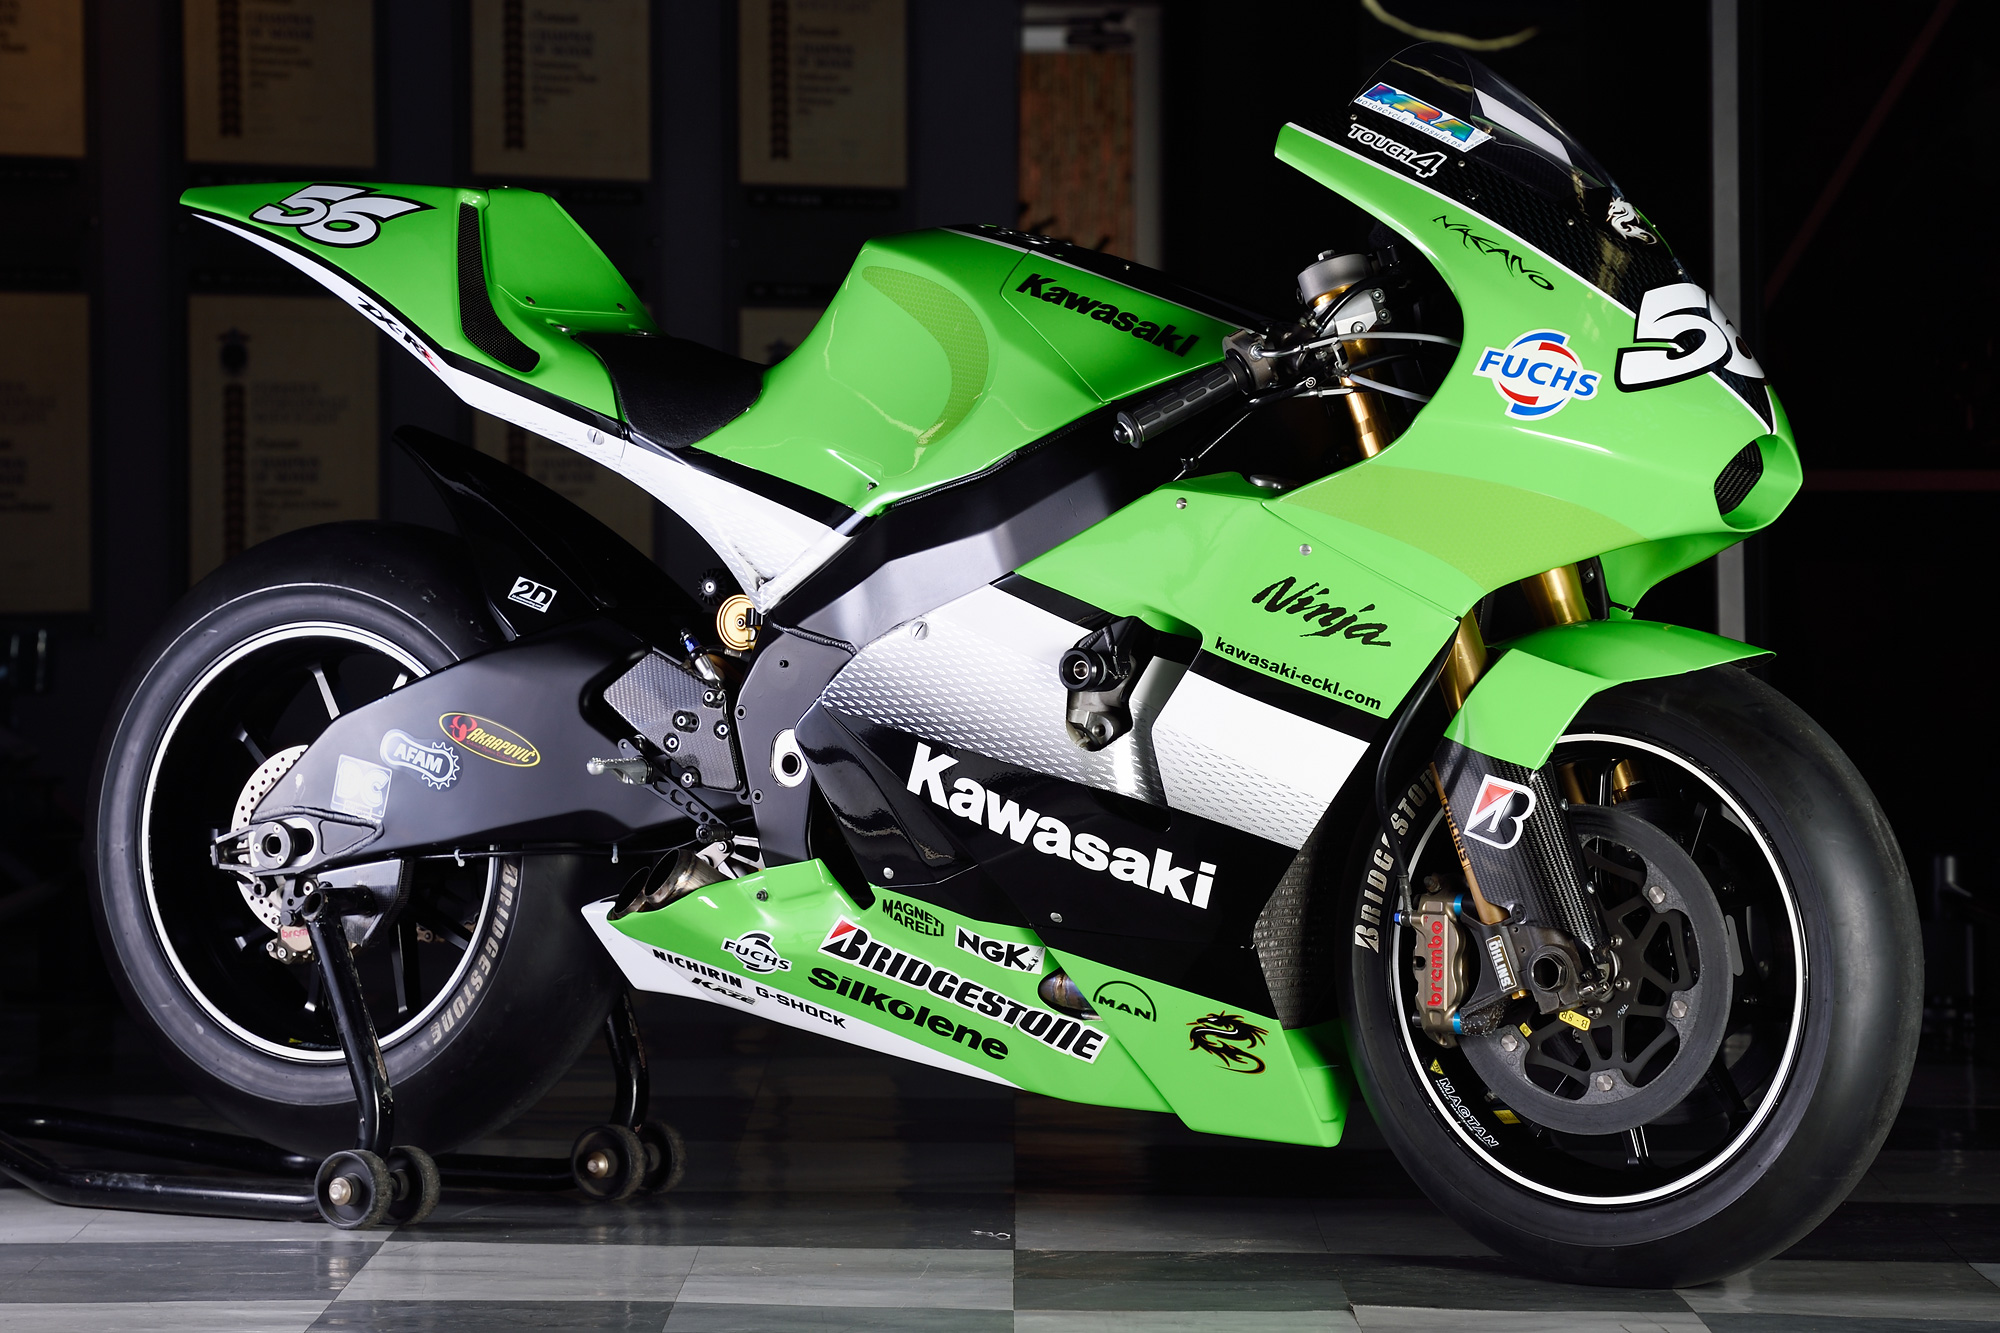 MotoGPマシン 2005 ZX-RR